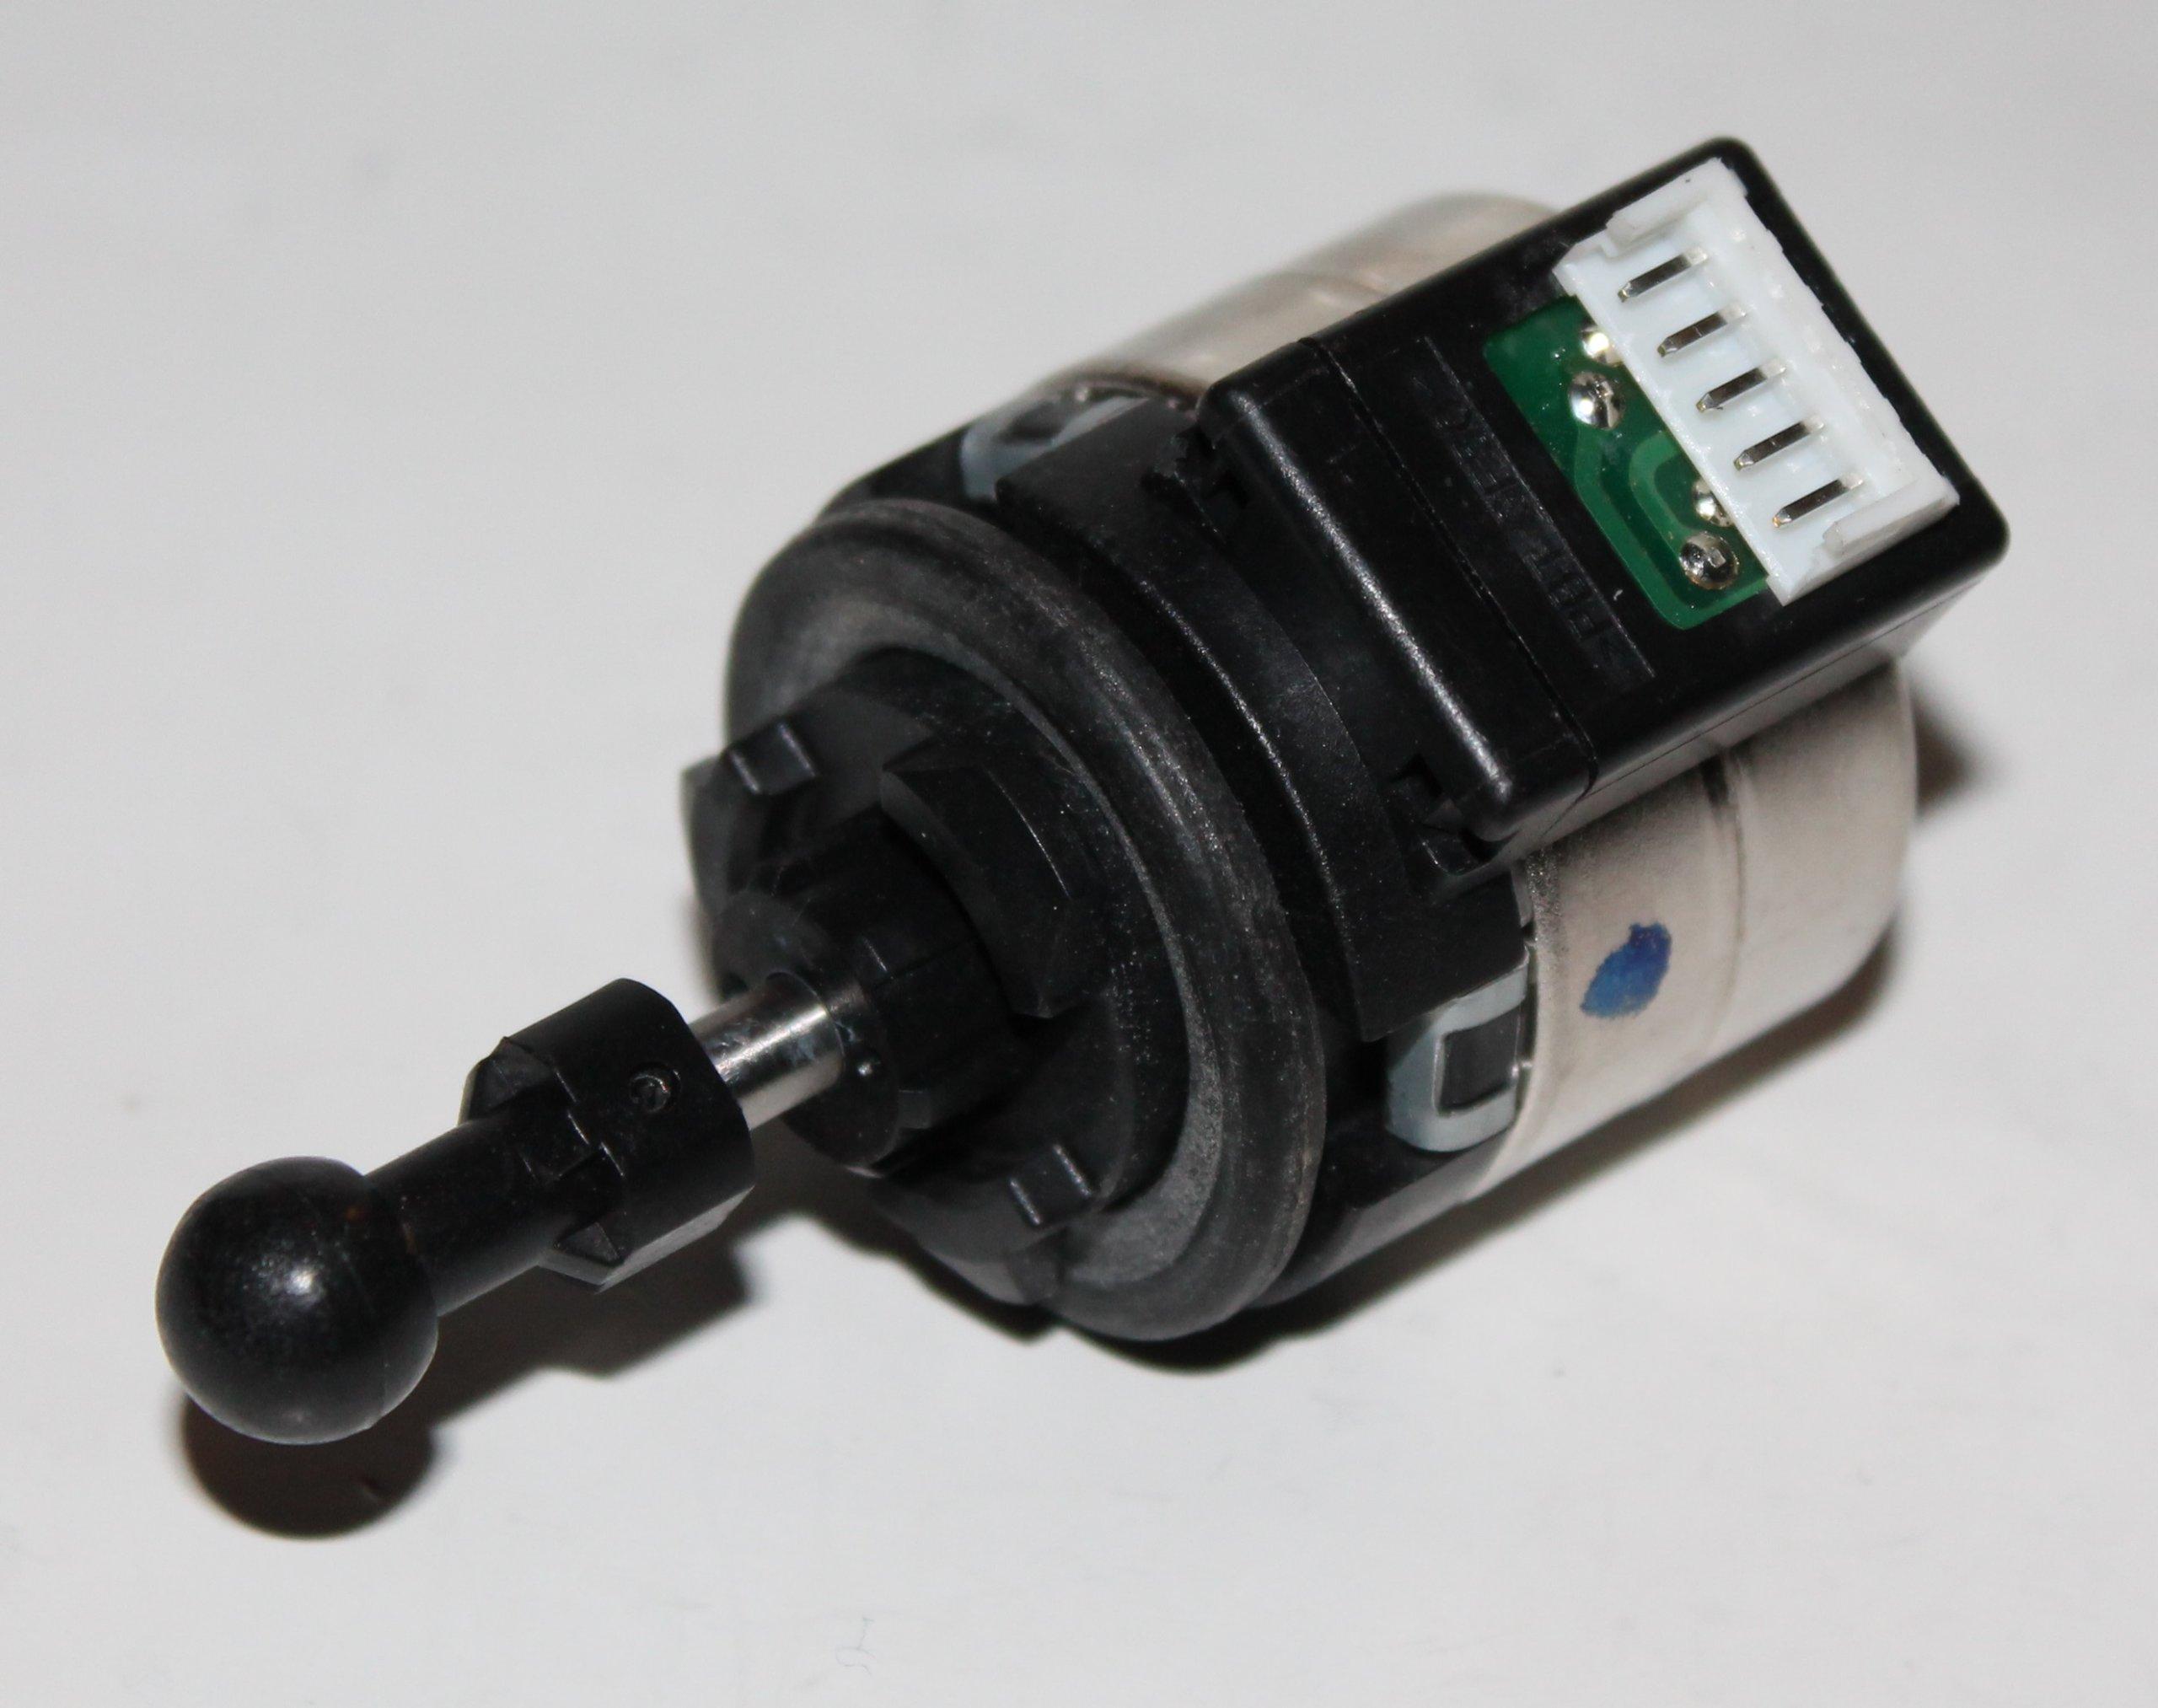 audi a4 b6 a6 c7 двигатель регулирования лампы ксенон